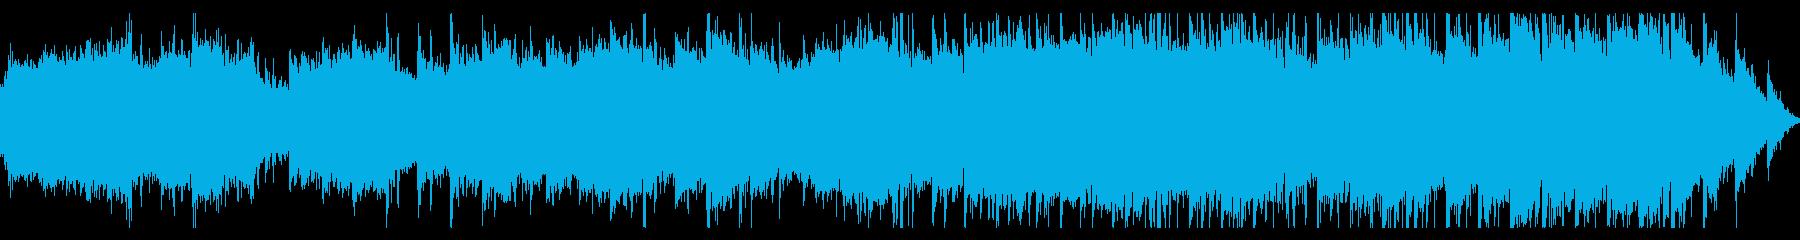 壮大なヒーリングアンビエントの再生済みの波形